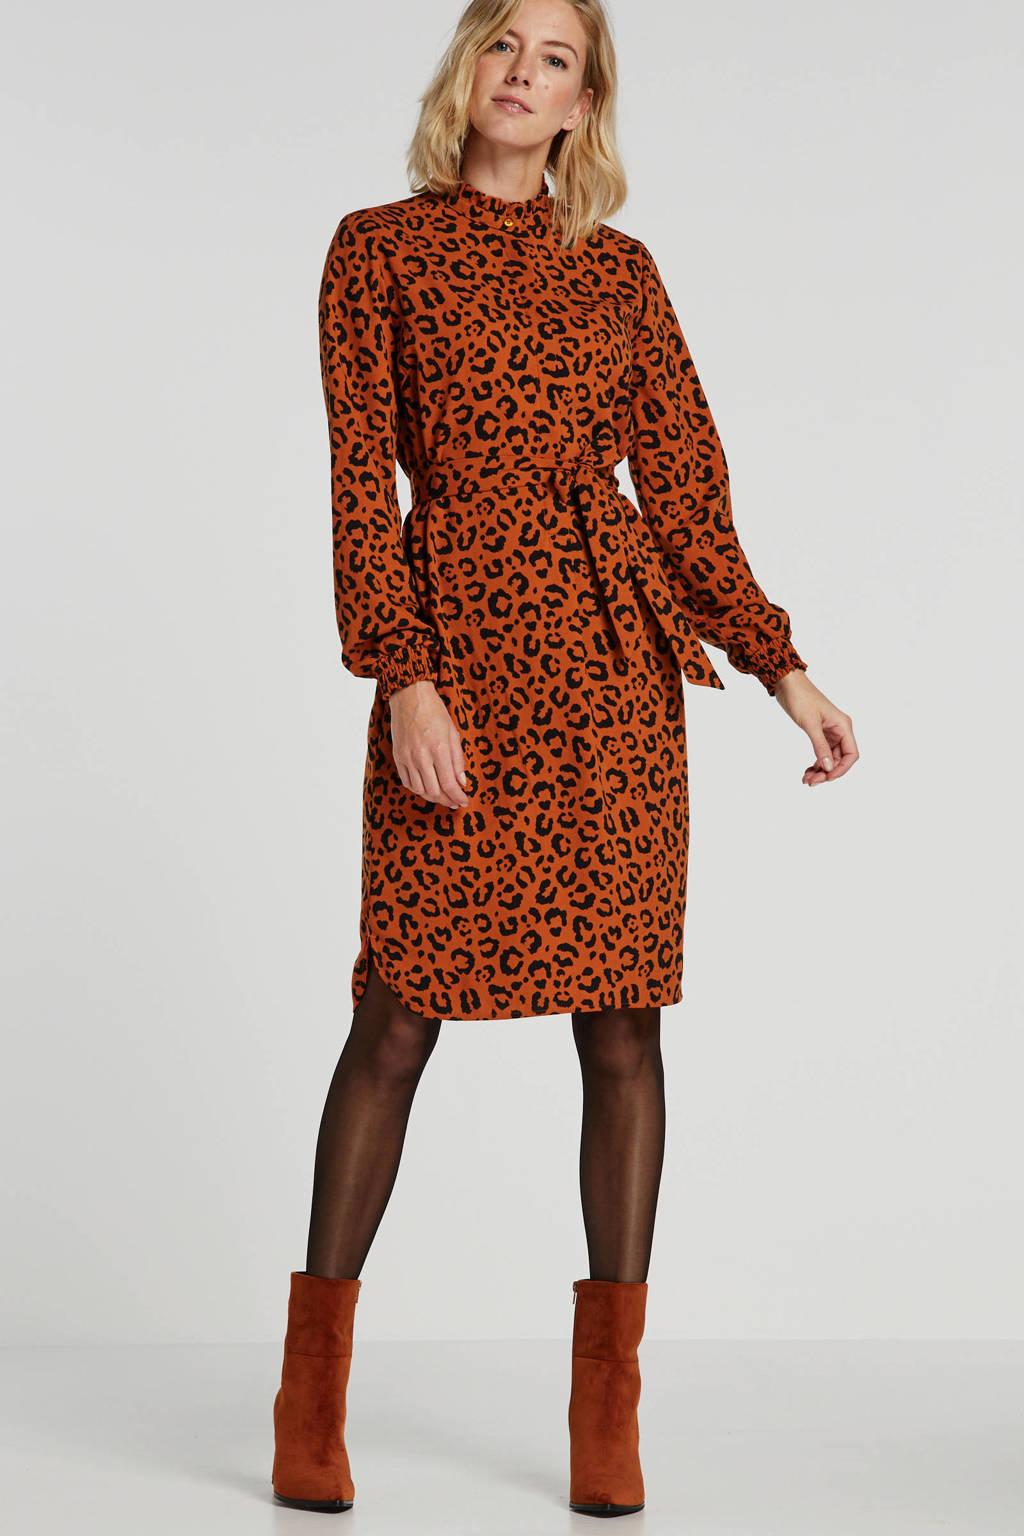 anytime blousejurk met panterprint oranje/zwart, Oranje/zwart